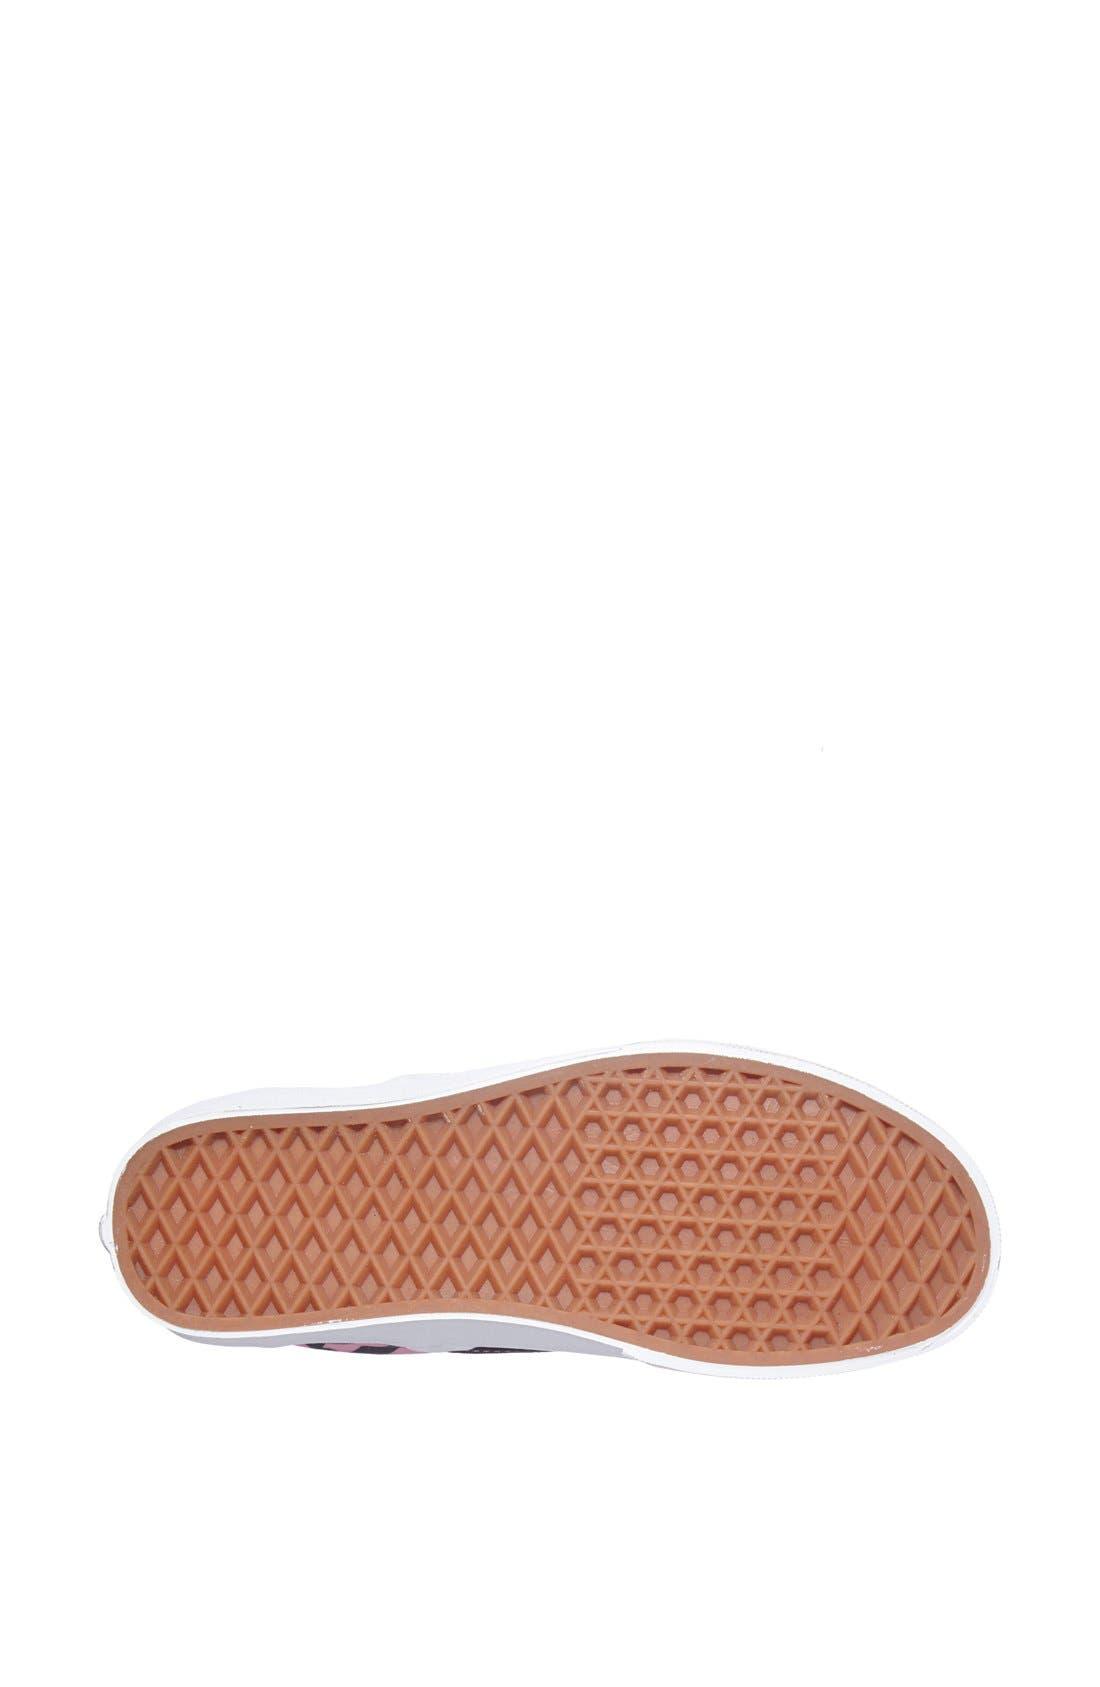 Alternate Image 4  - Vans 'Sea of Monster' Slip-On Sneaker (Women)